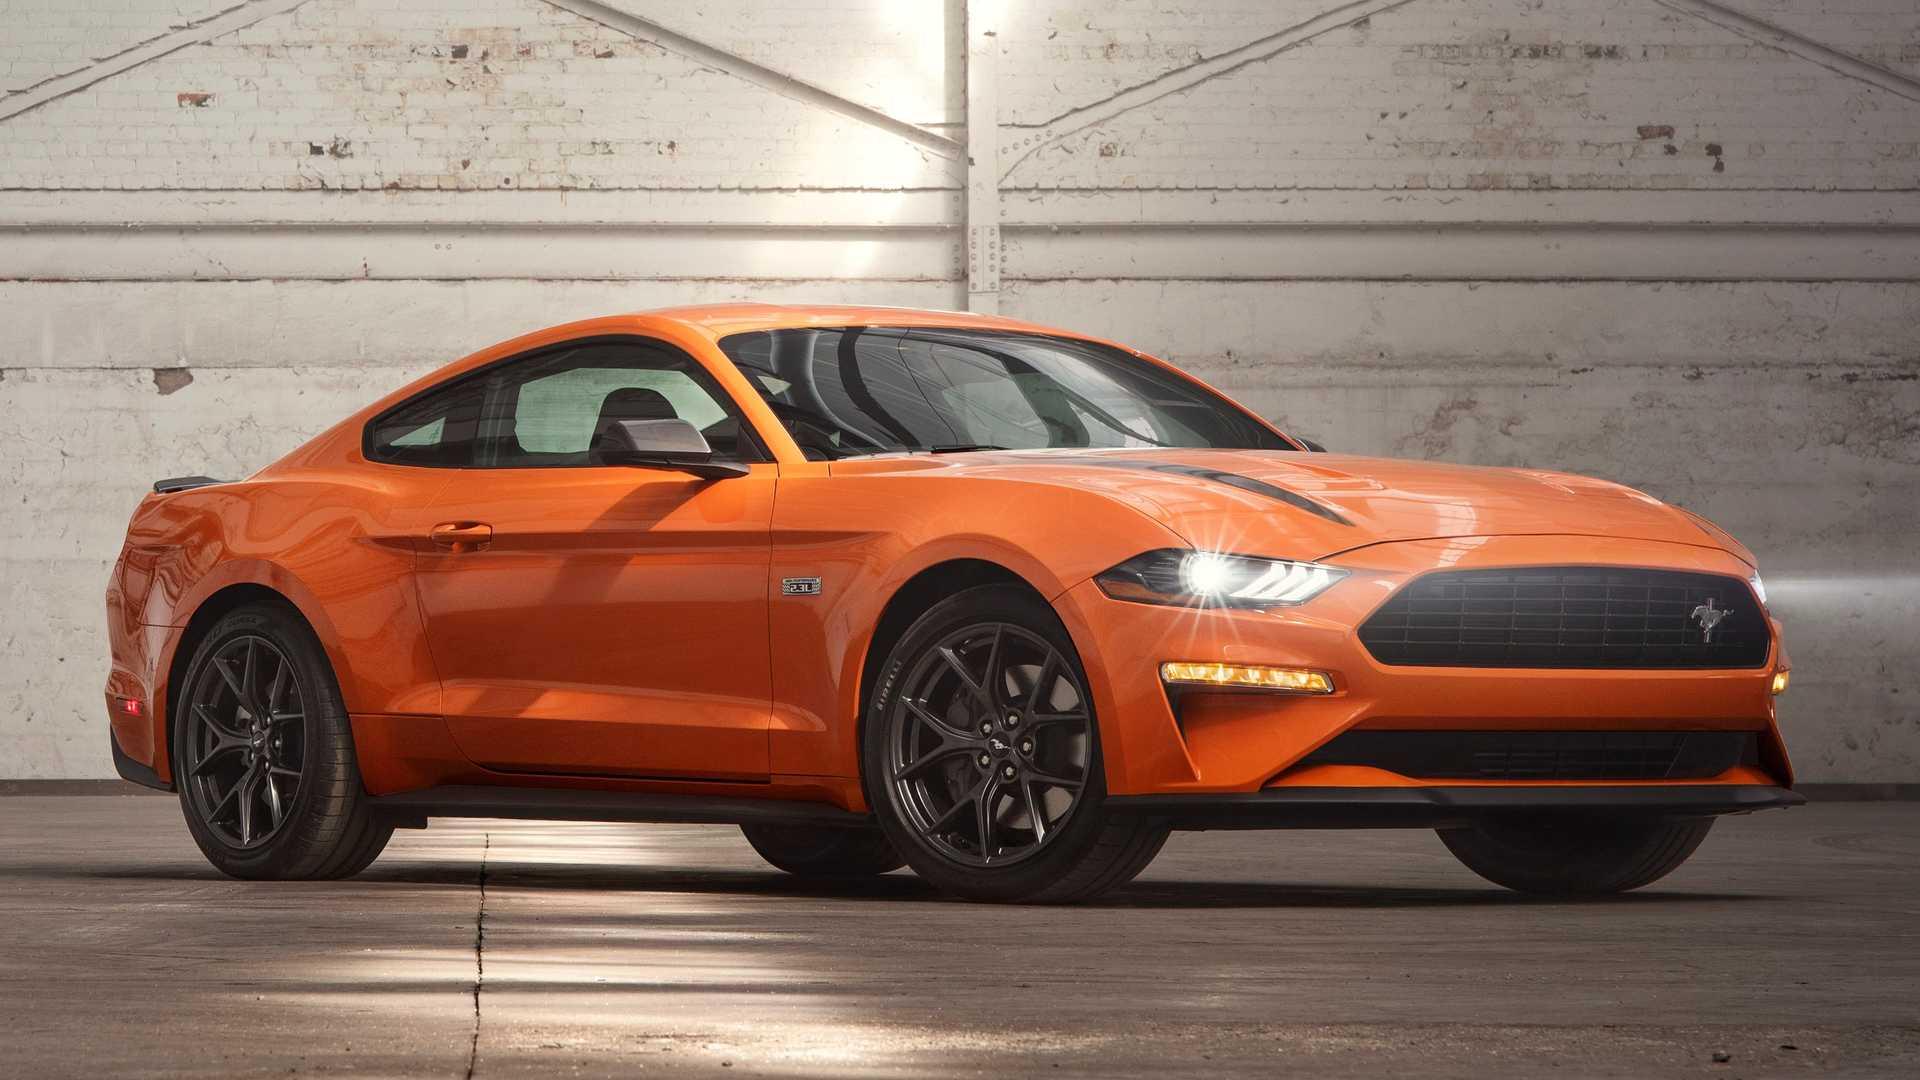 2020-ford-mustang-high-perf-package-7.jpg